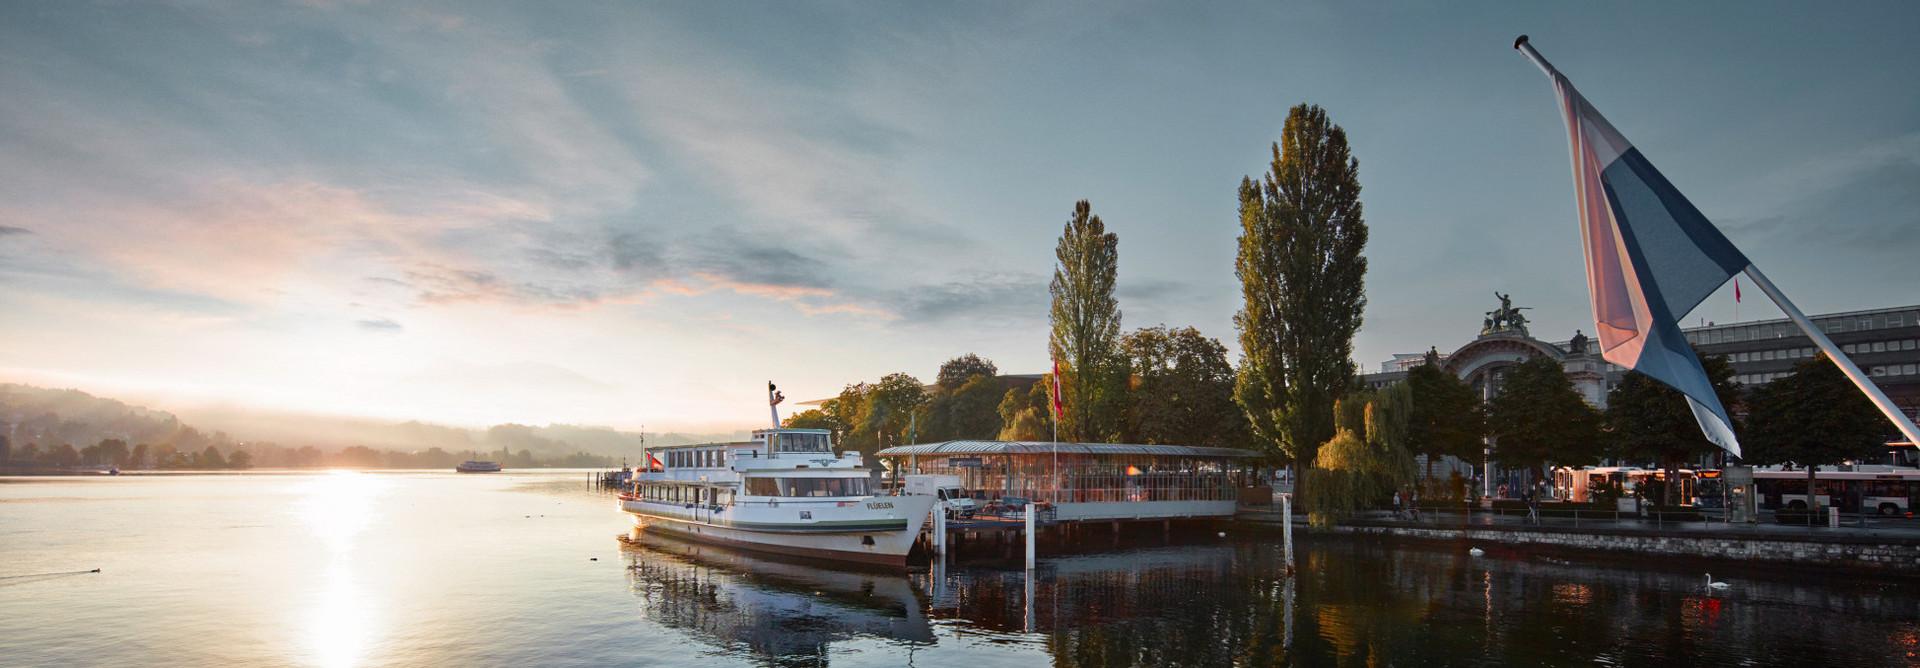 Sicht von der Seebrücke auf den Vierwaldstättersee. Die Sonne schimmert im See während ein Schiff am Steg in Luzern schwimmt.